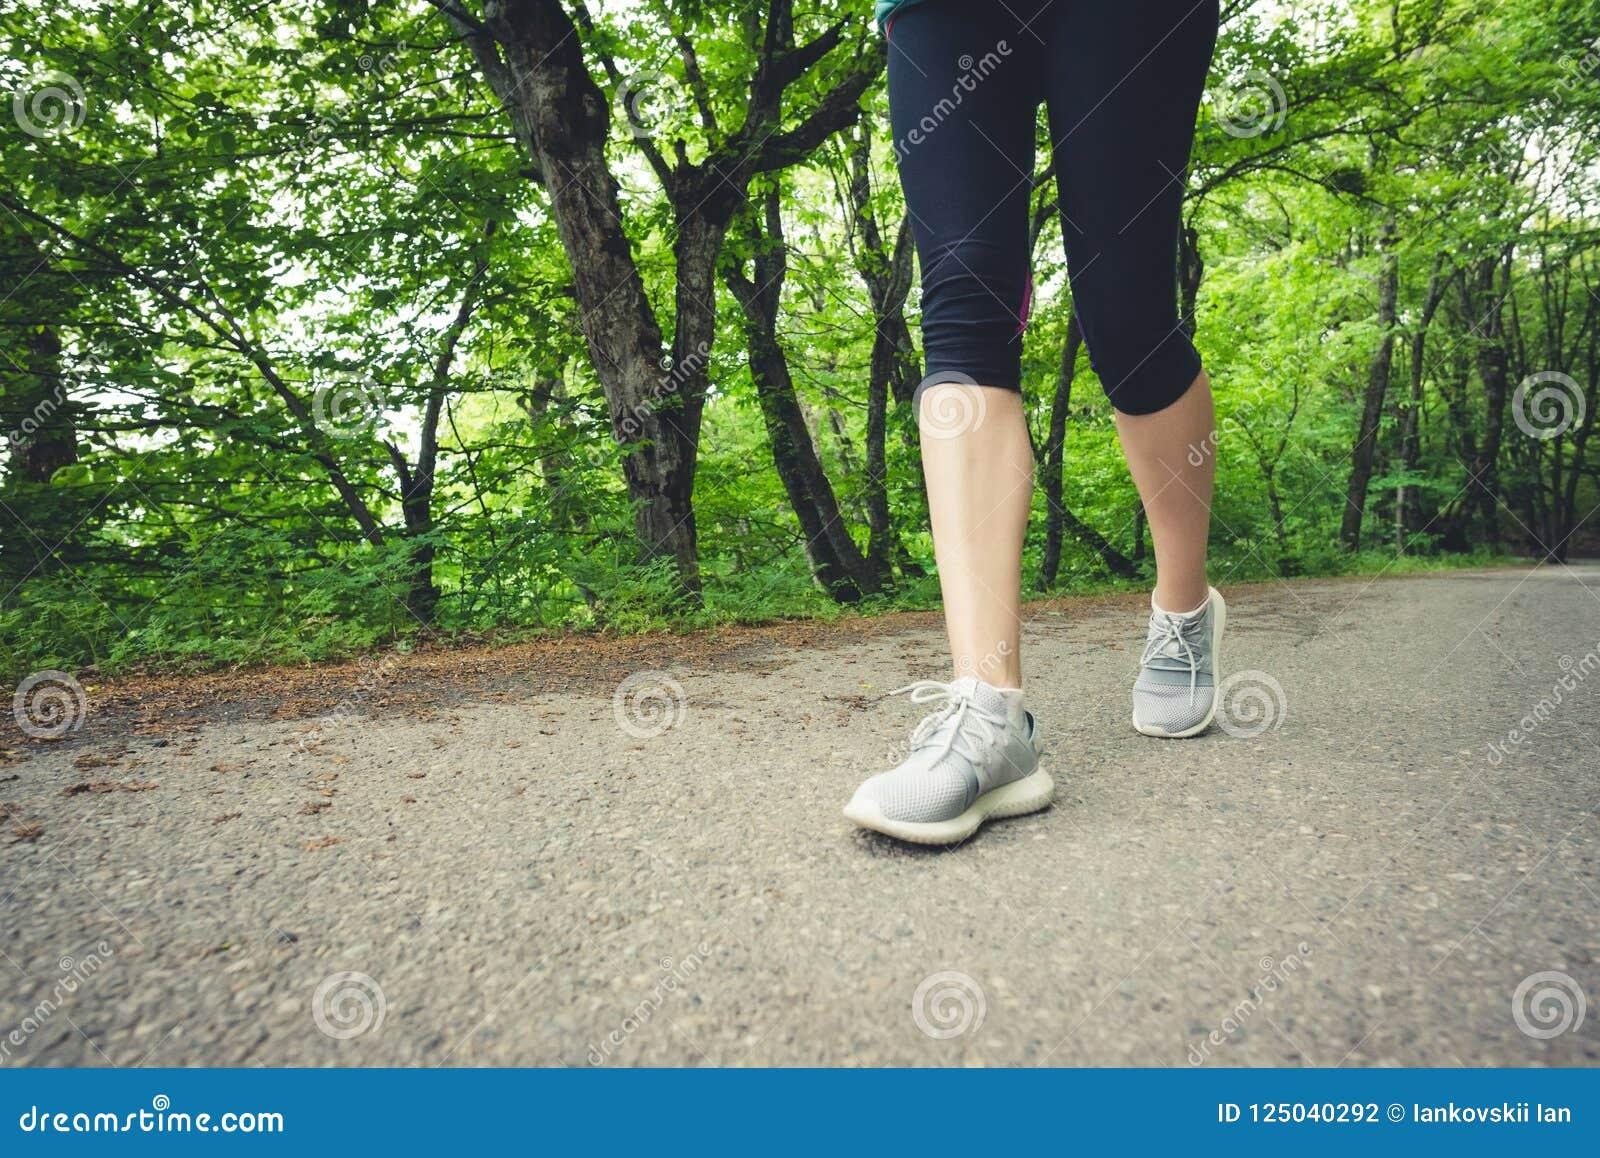 Närbild av en fot av en sportig flicka i damasker och gymnastikskor, innan att jogga i skogen begreppet av utomhus- sportar